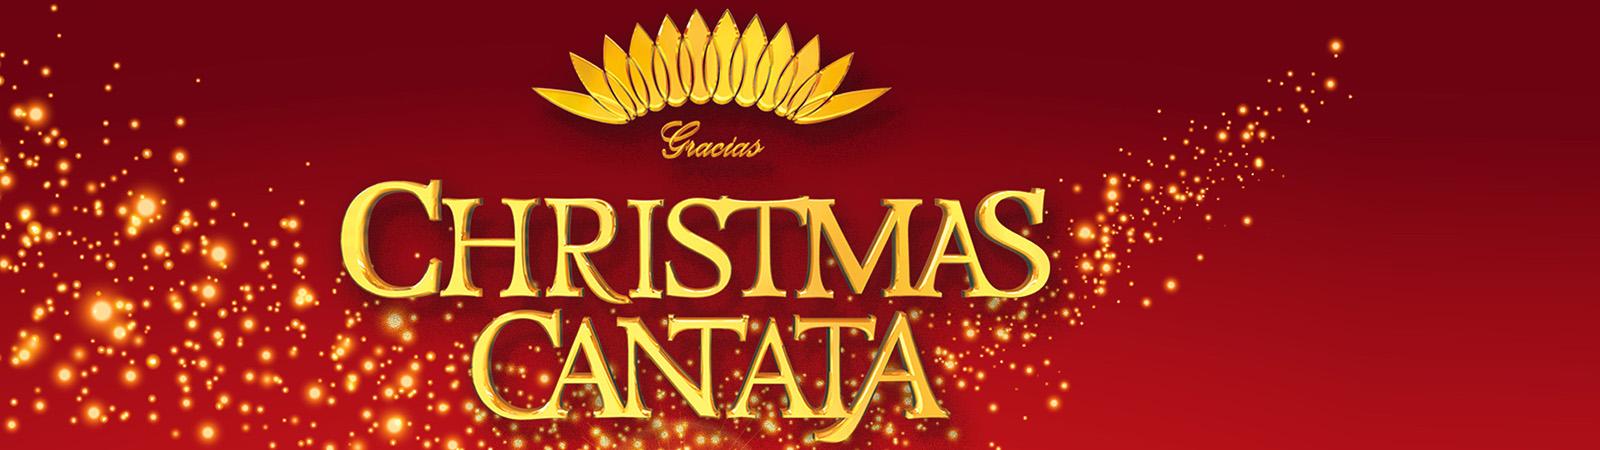 Christmas Cantata.Gracias Choir Christmas Cantata Njpac